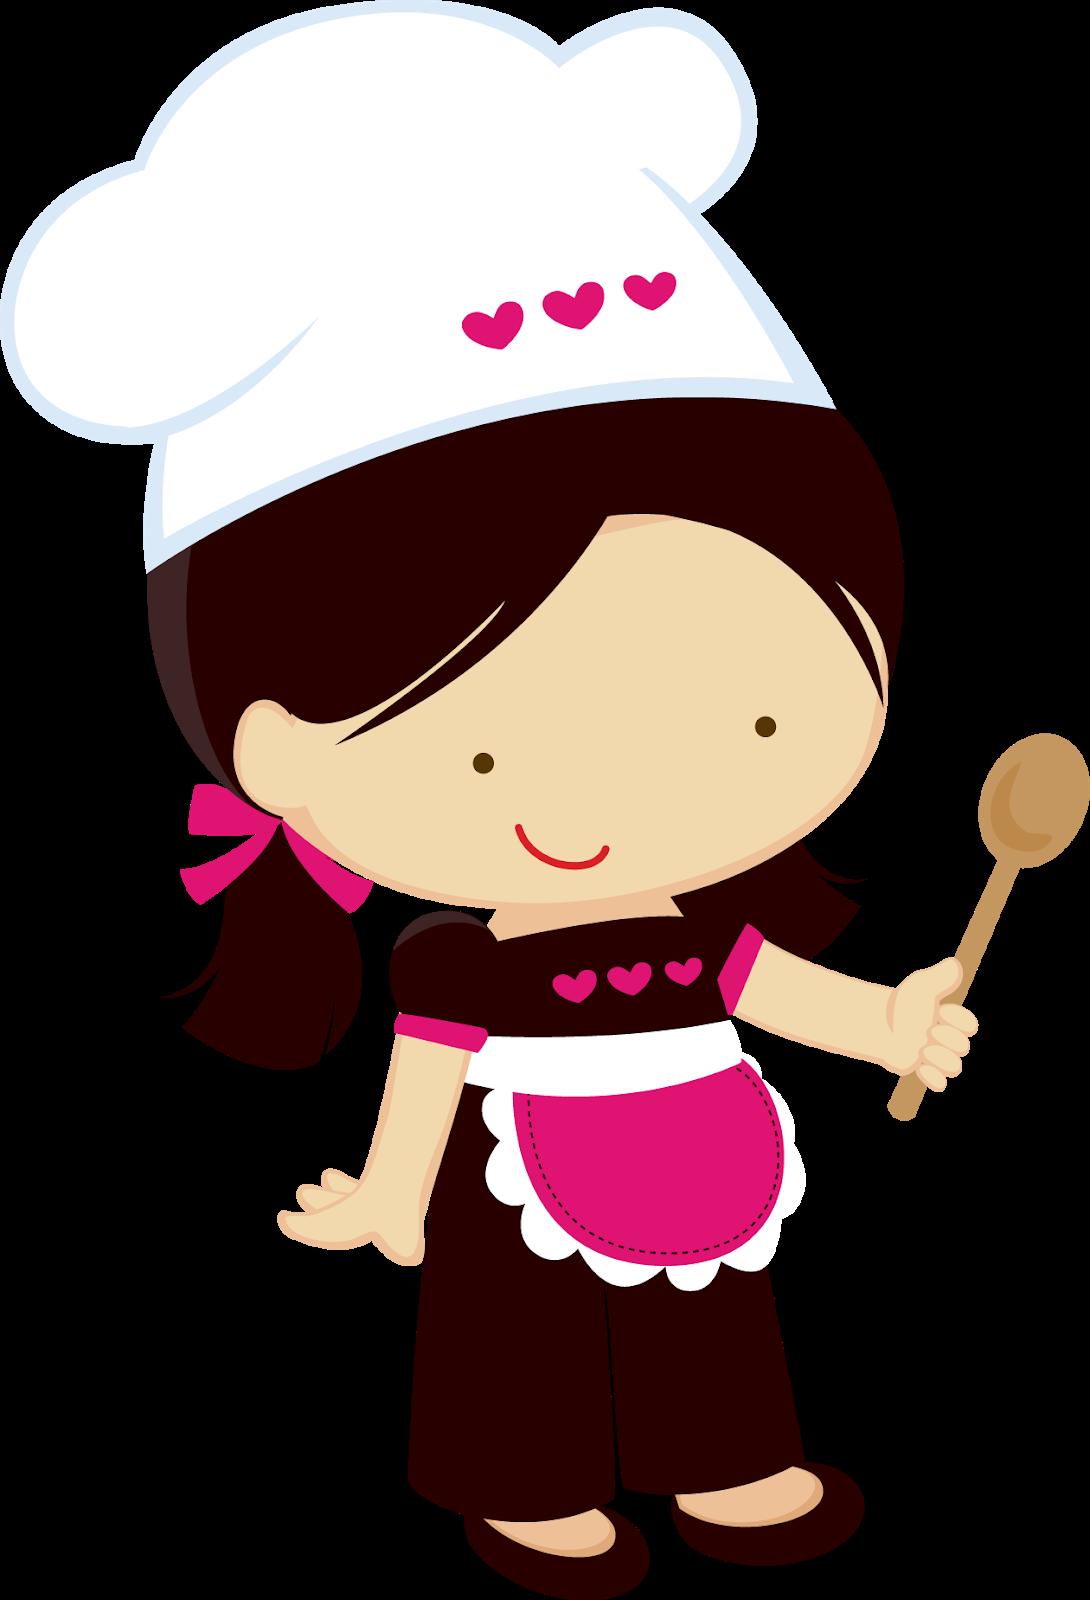 Female clipart baking. Little girl chefs oh